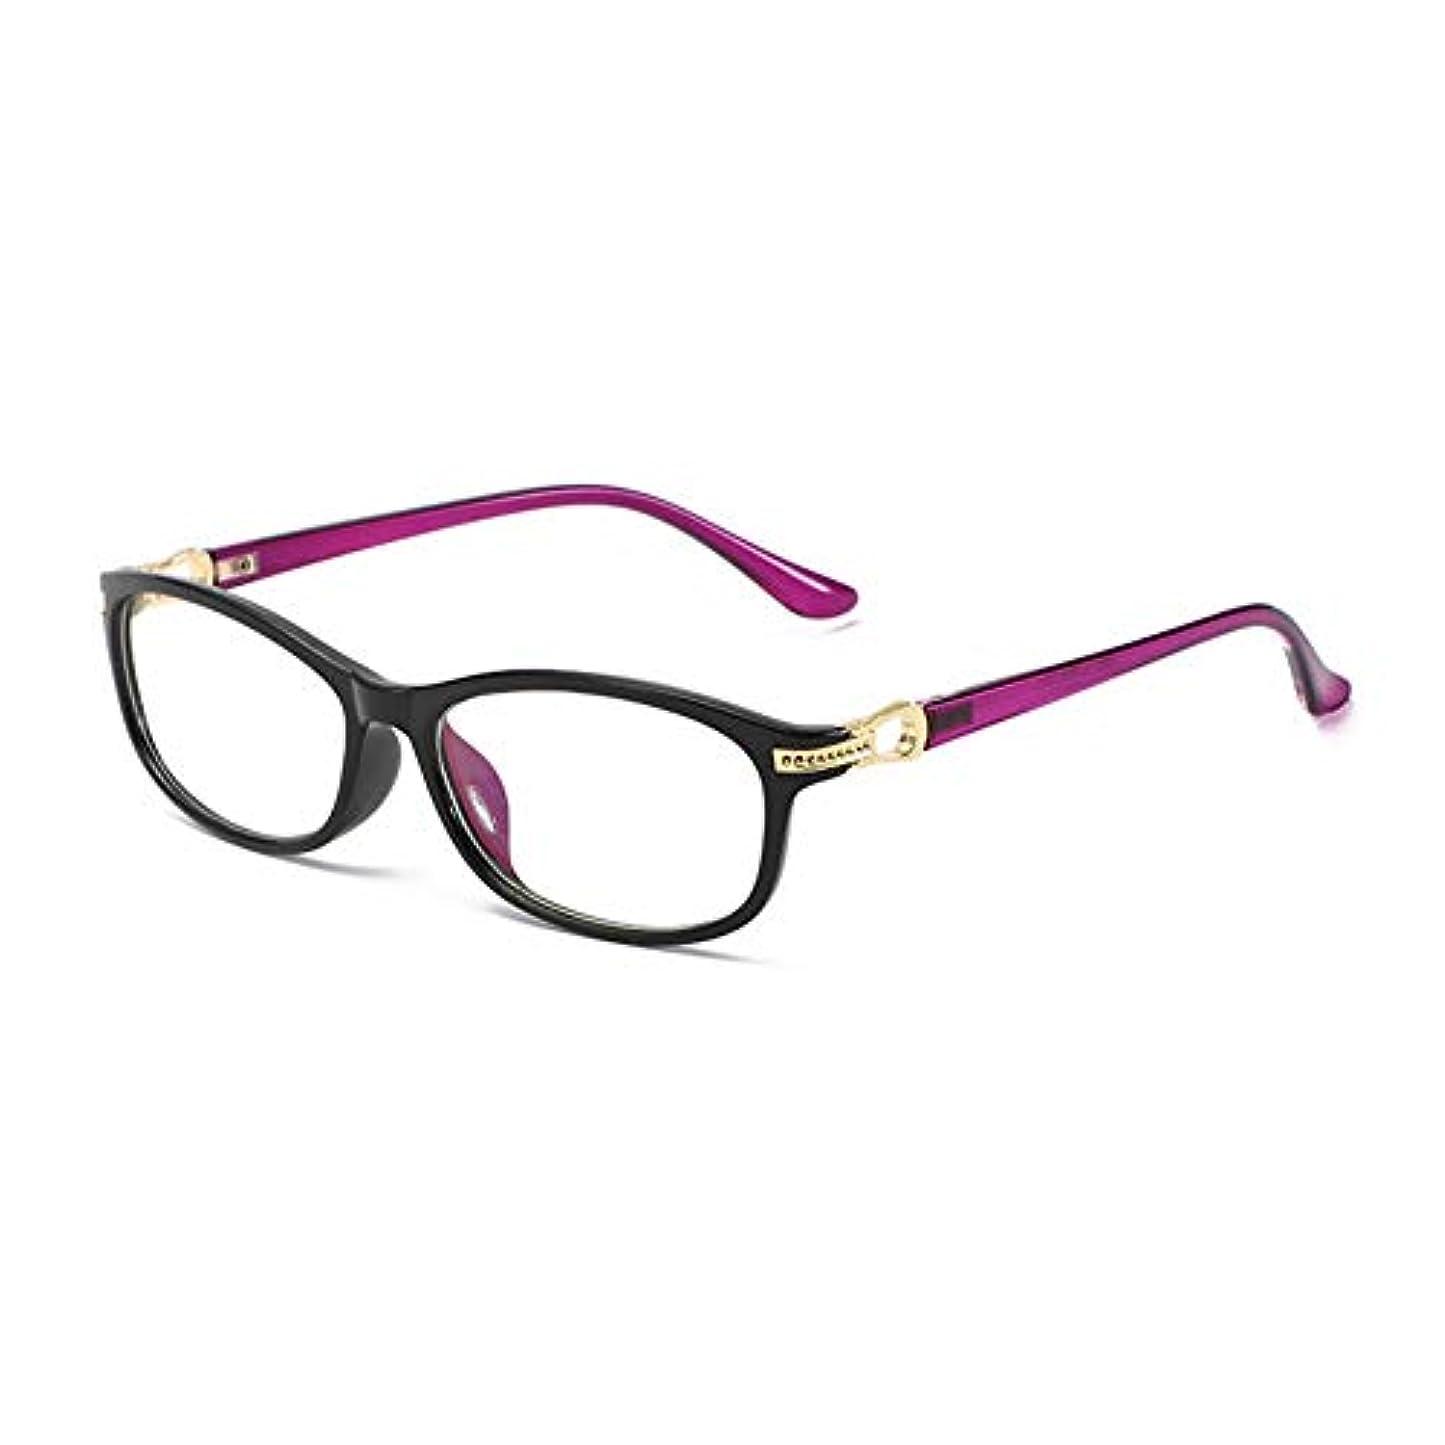 女性の老眼鏡 アンチブルーライト ブロッキングUV トランスペアレント PCレンズ 超軽量 レディース ファッション + 1.0 / + 1.5 / + 2.0 / + 2.5 / + 3.0 視度 力 赤 黒